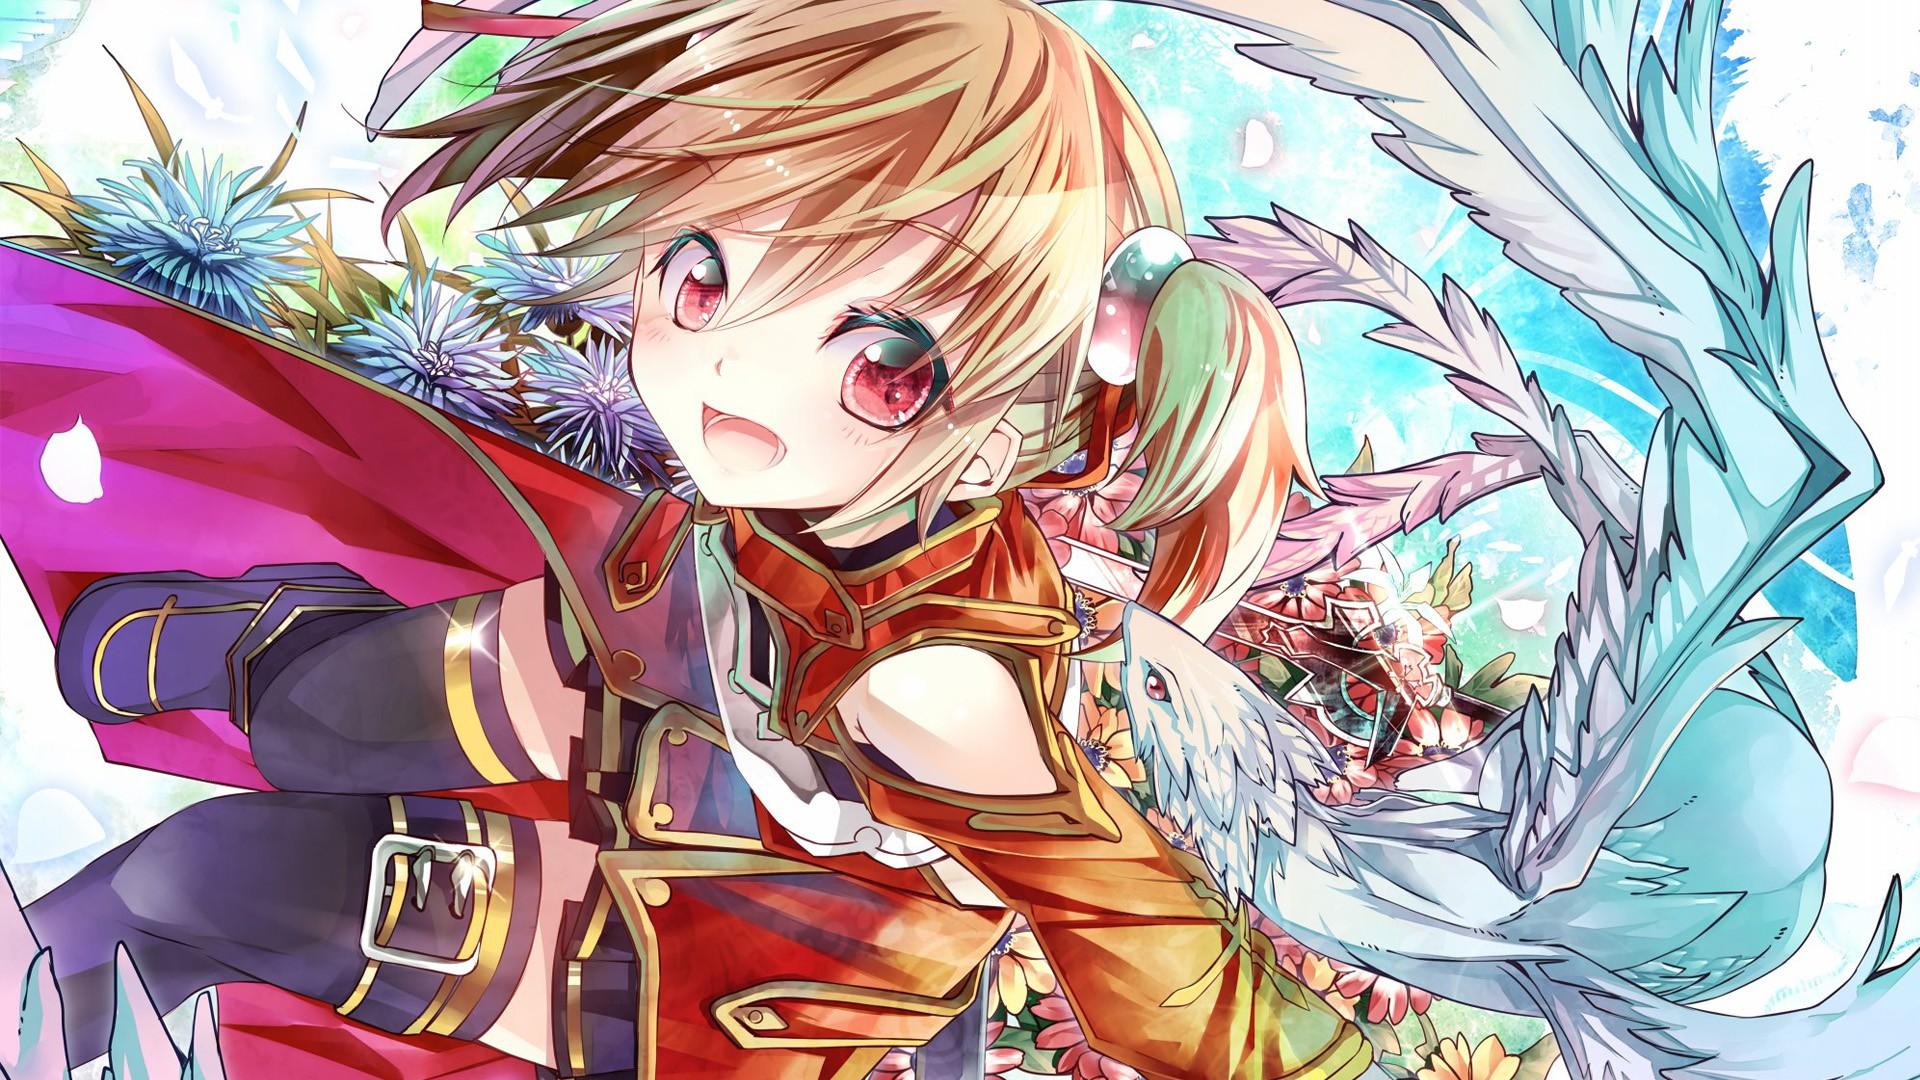 Anime Sword Art Online II wallpapers (Desktop, Phone, Tablet ...